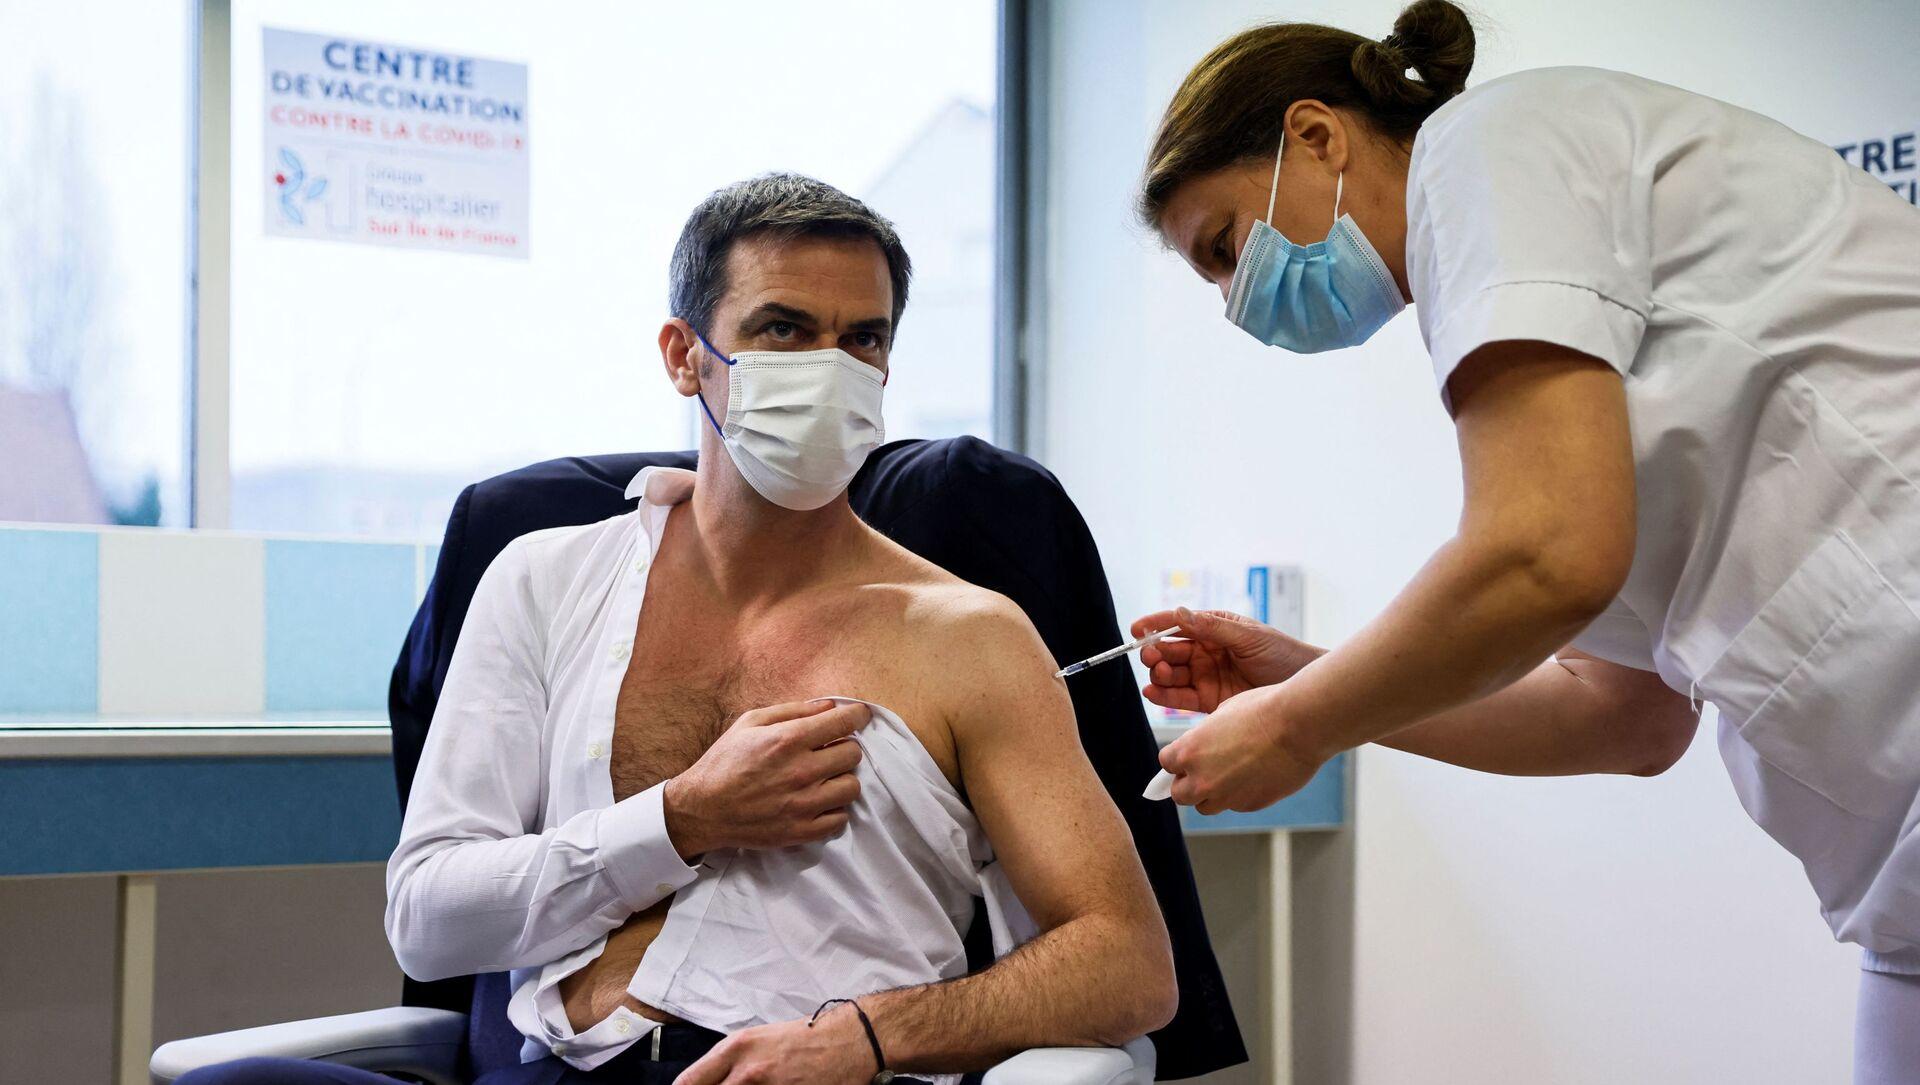 Il ministro Sanità francese Olivier Veran riceve una dose del vaccino AstraZeneca - Sputnik Italia, 1920, 08.02.2021